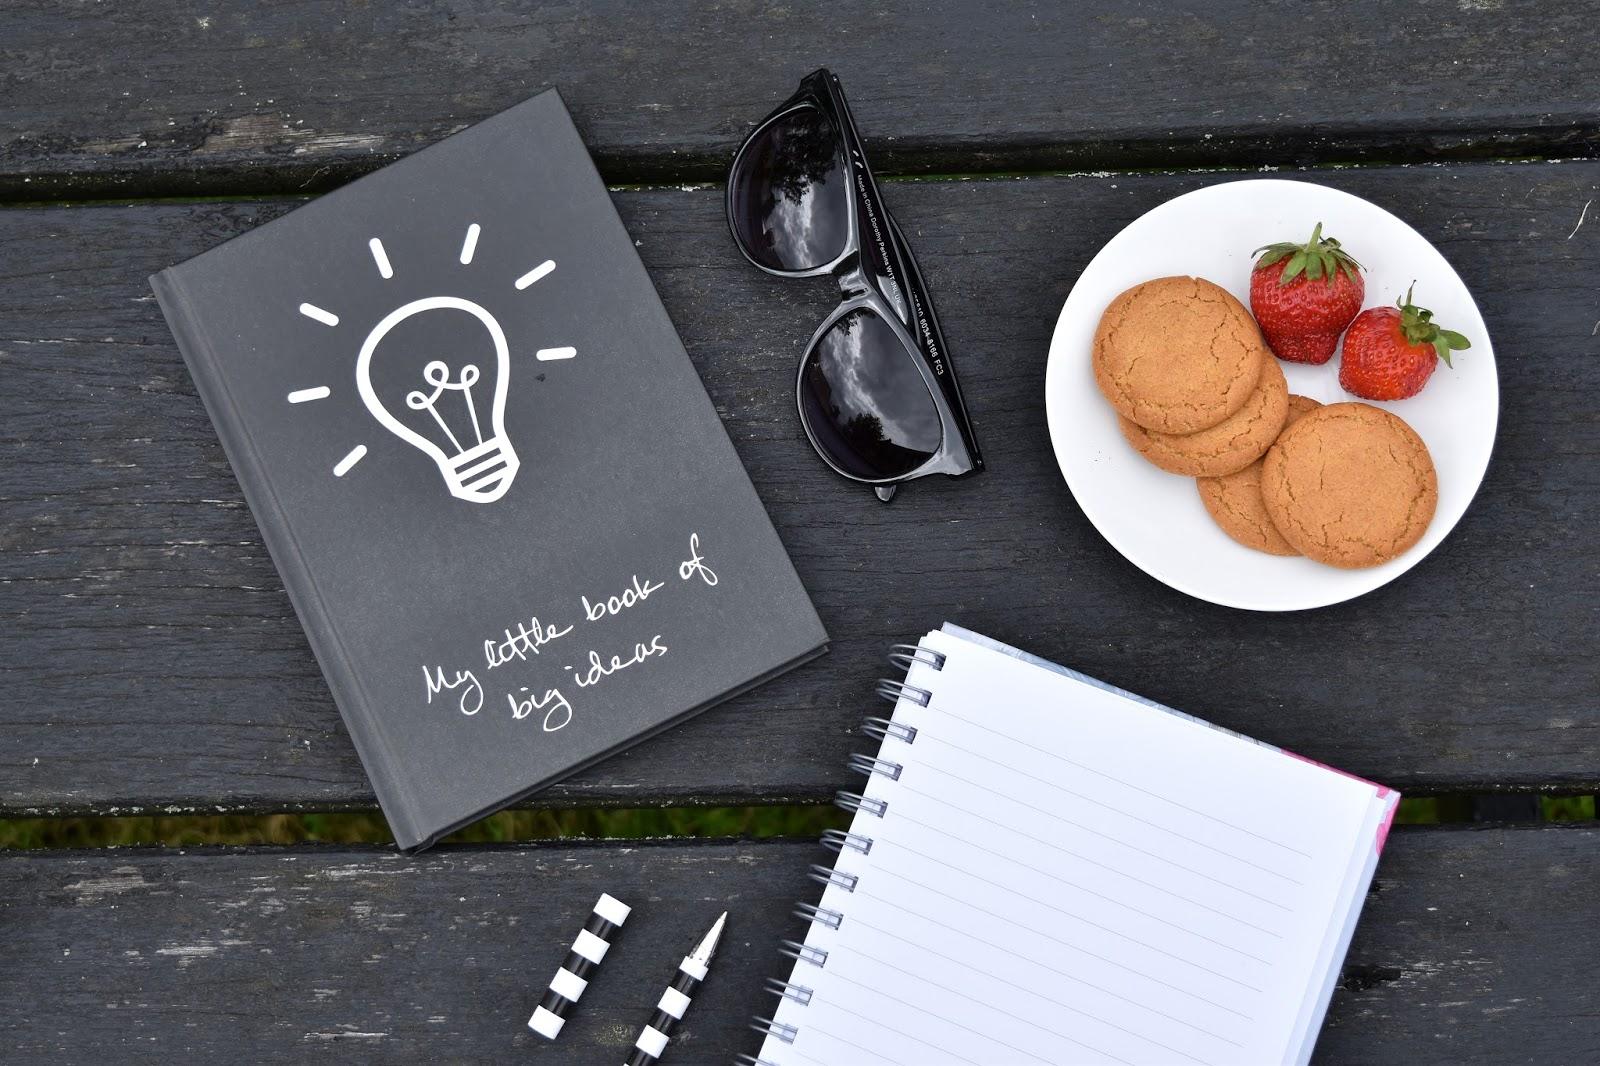 wakacje, co robić w wakacje, co zrobić w sierpniu, sposoby na nudę, notes, czarny notes, okulary przeciwsłoneczne, słodycze, ciastka, truskawki